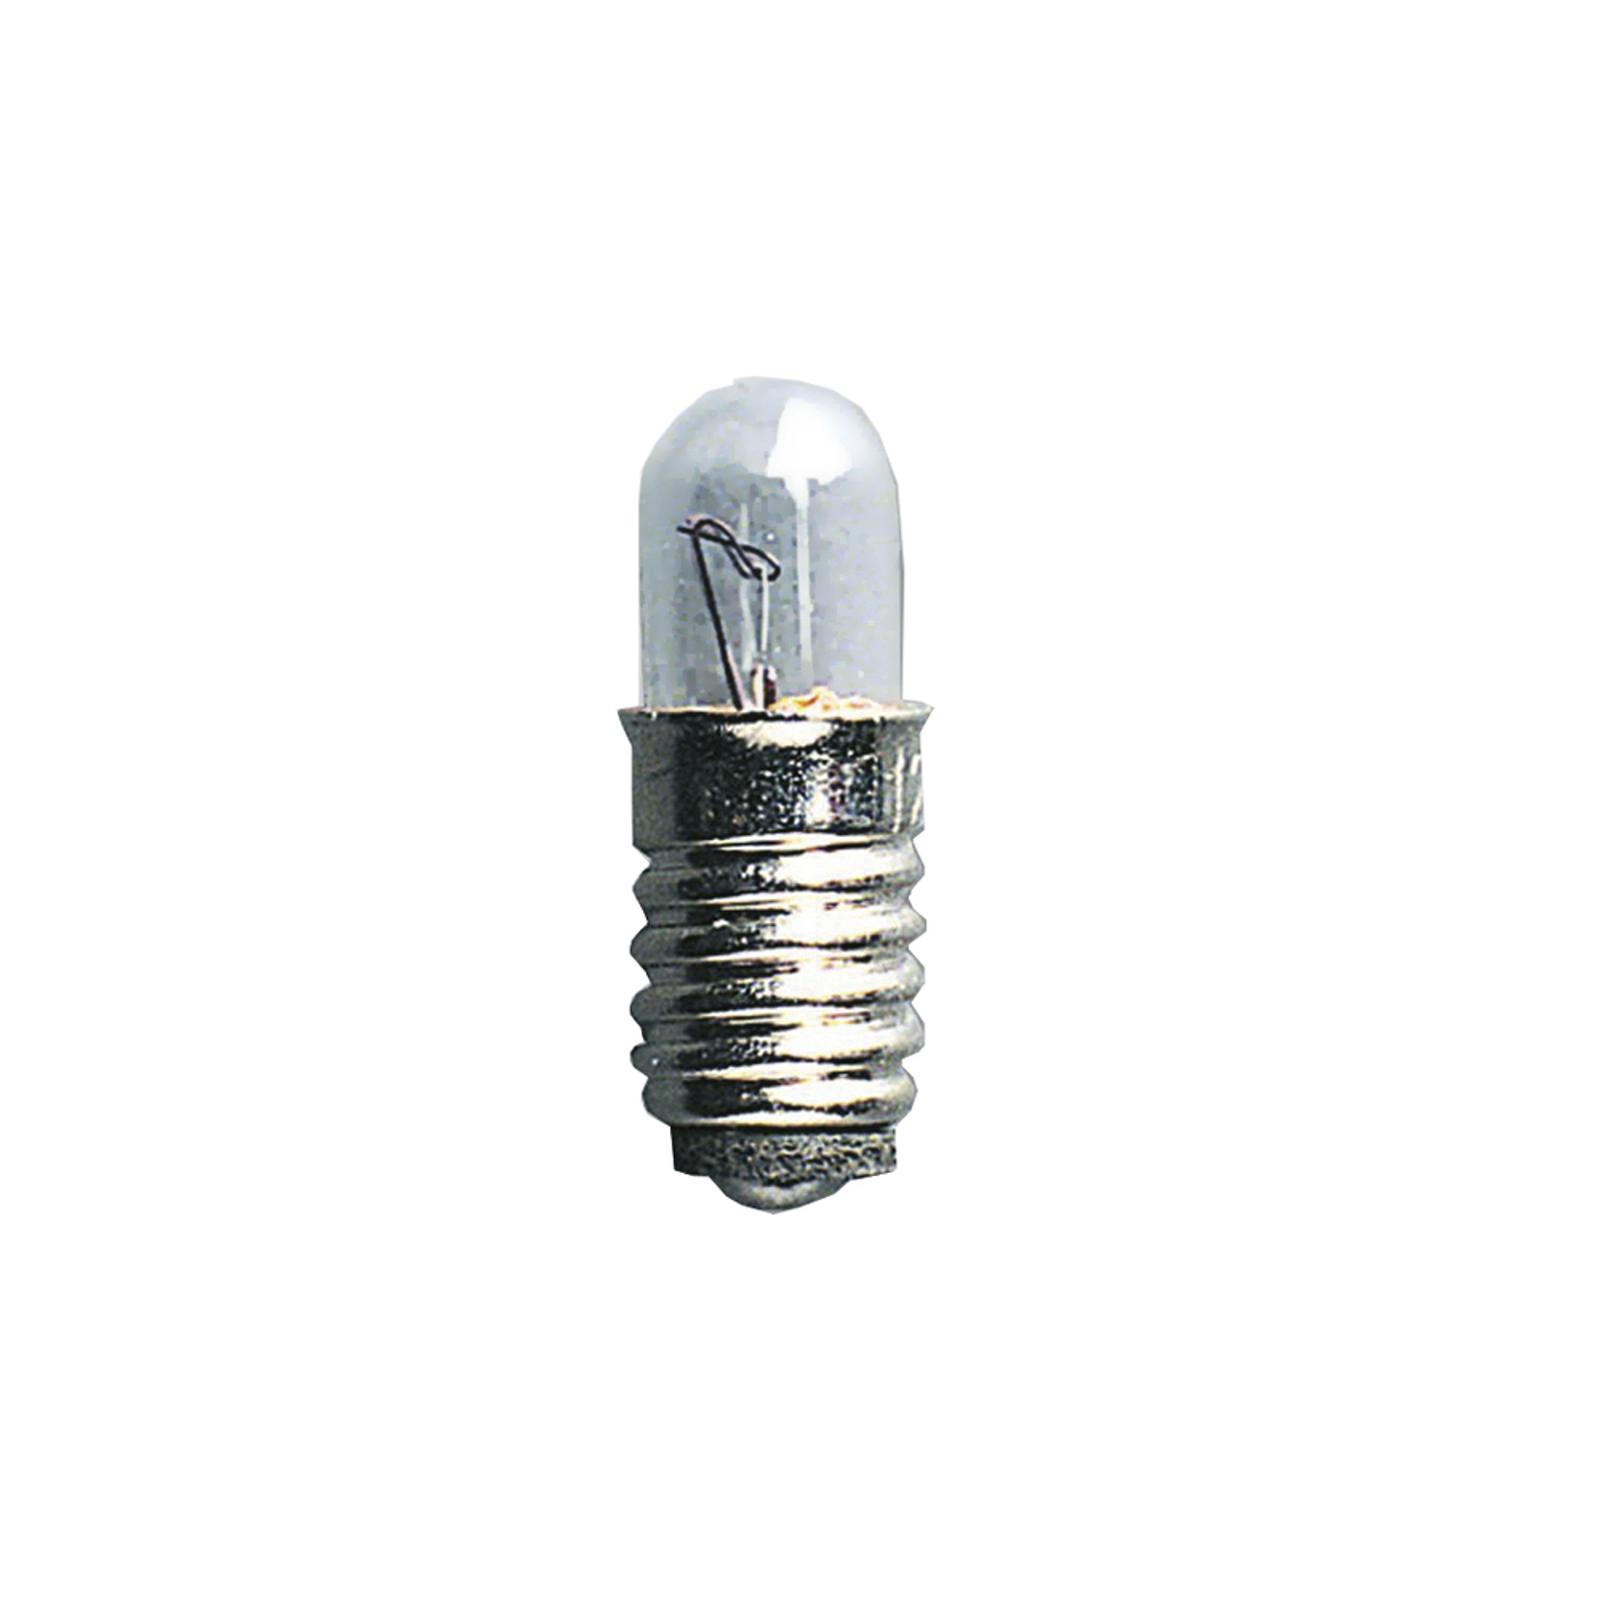 E5 0,6W 12V 5 bombillas de repuesto, transparente